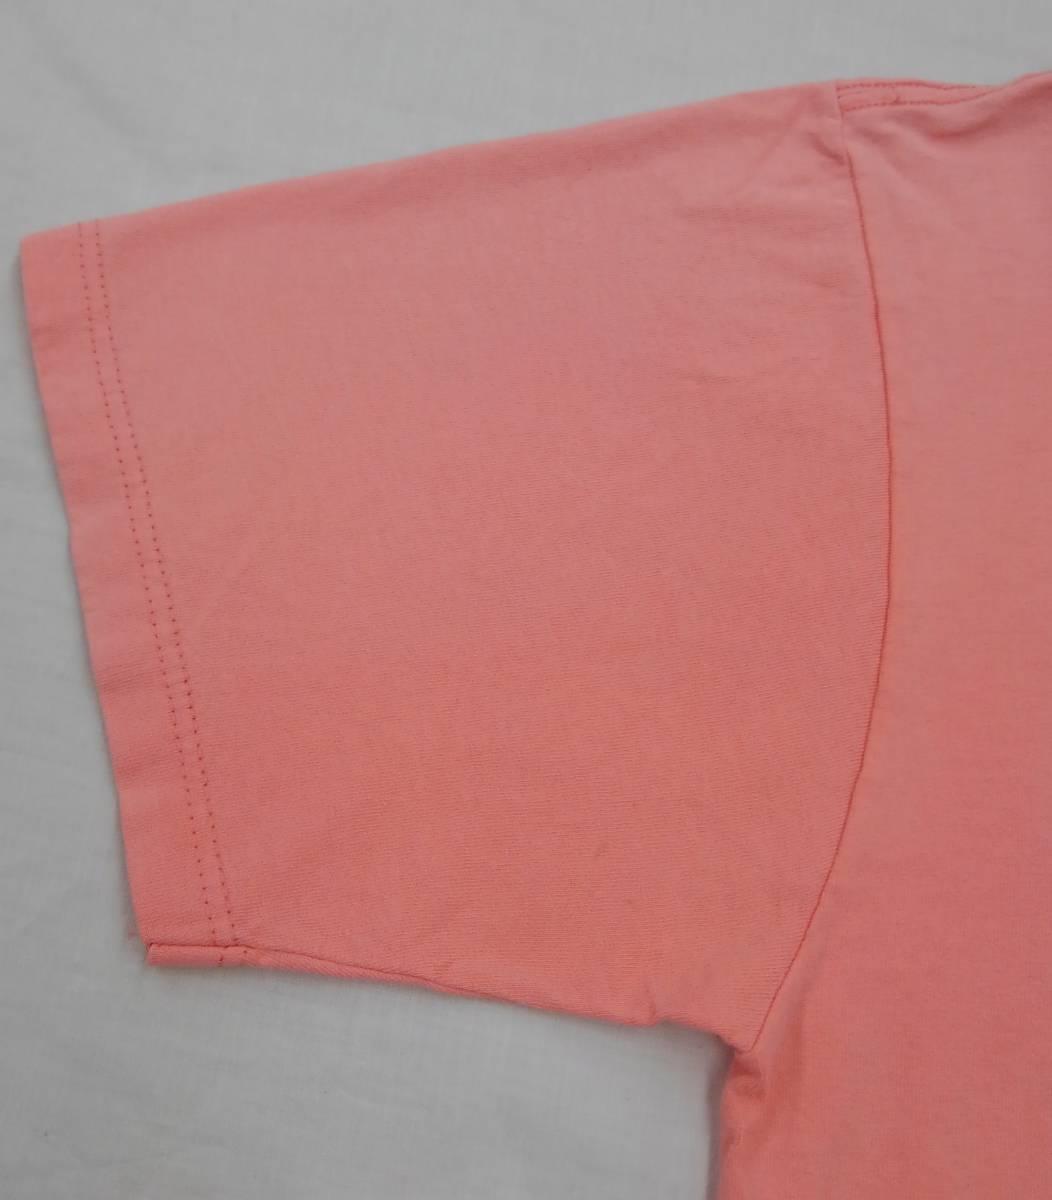 【激レア!!USA製】DISNEY Lサイズ ディズニー ミッキー アメリカ直輸入 Tシャツ ピンク 美品 古着 アメリカ製 #1248-A_画像8